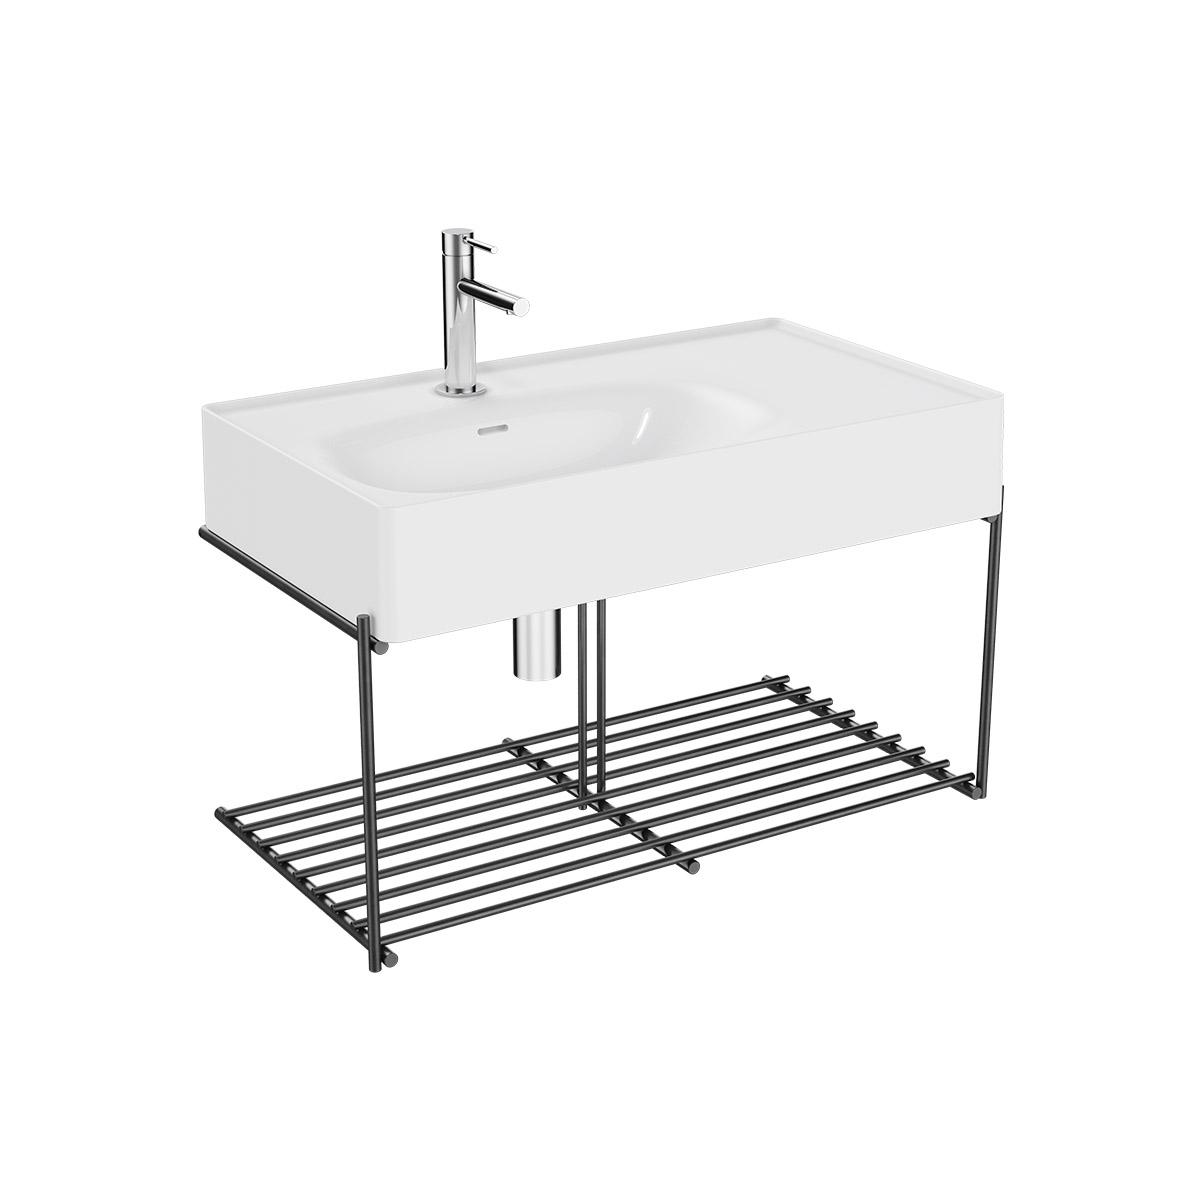 Equal Set Waschtisch asymmetrisch, 80 cm, mit Ablagegitter, Weiß Hochglanz/Schwarz Matt